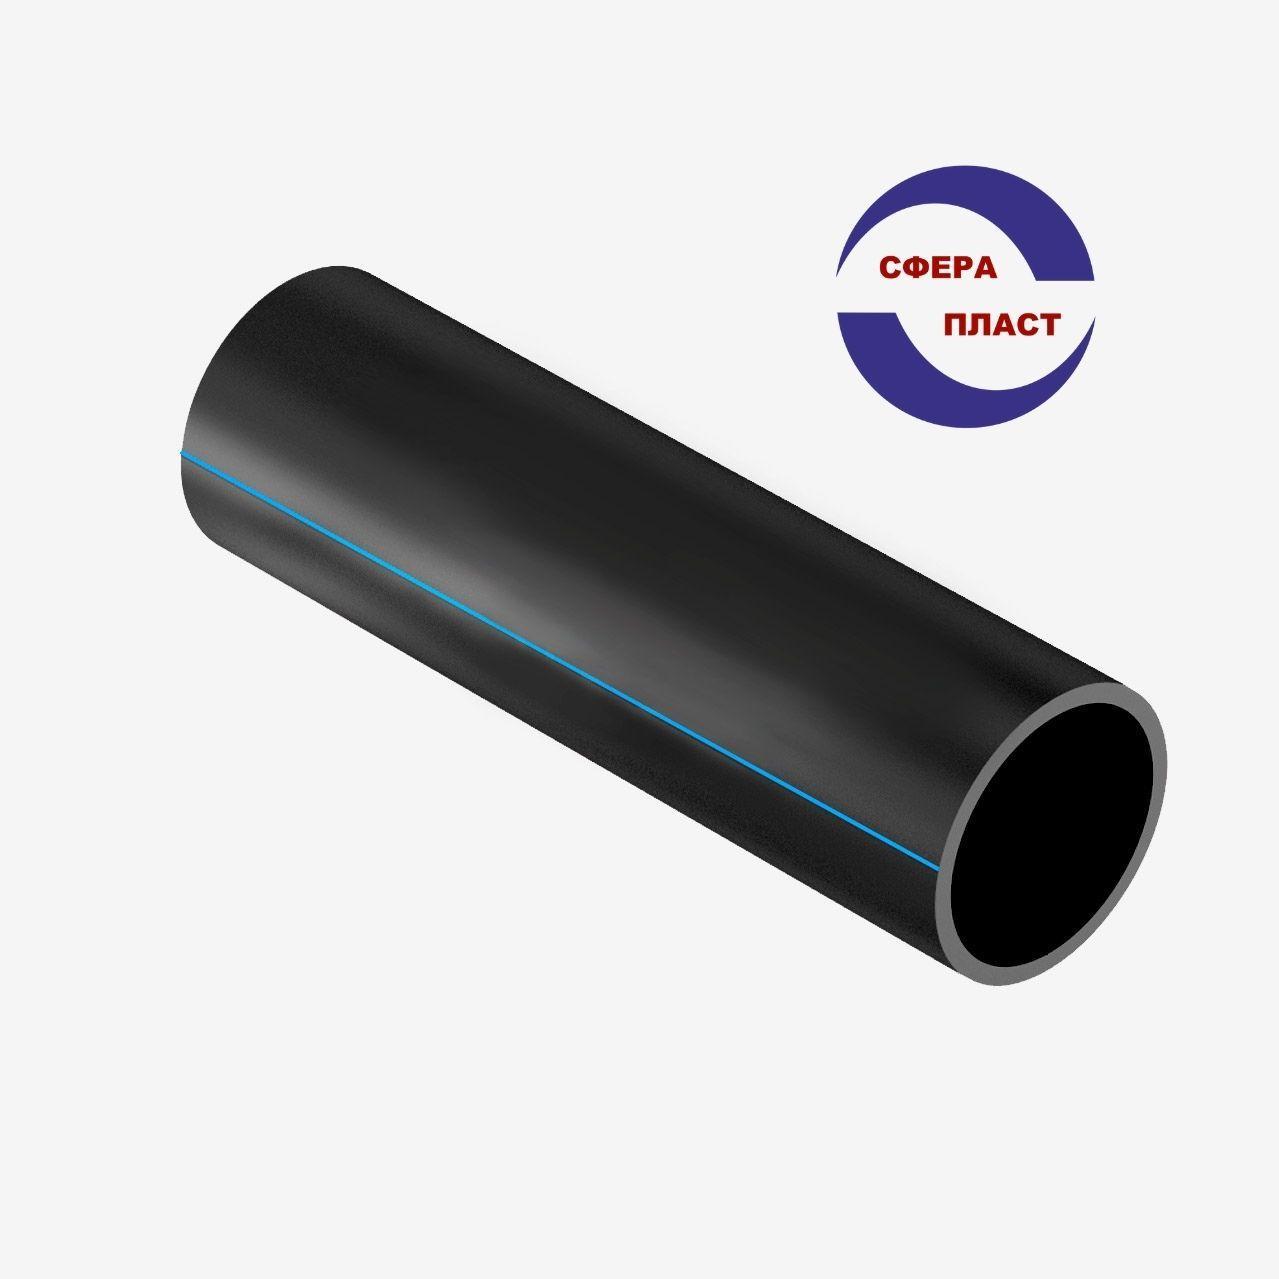 Труба Ду-50x3,7 SDR13,6 (12,5 атм) полиэтиленовая ПЭ-100